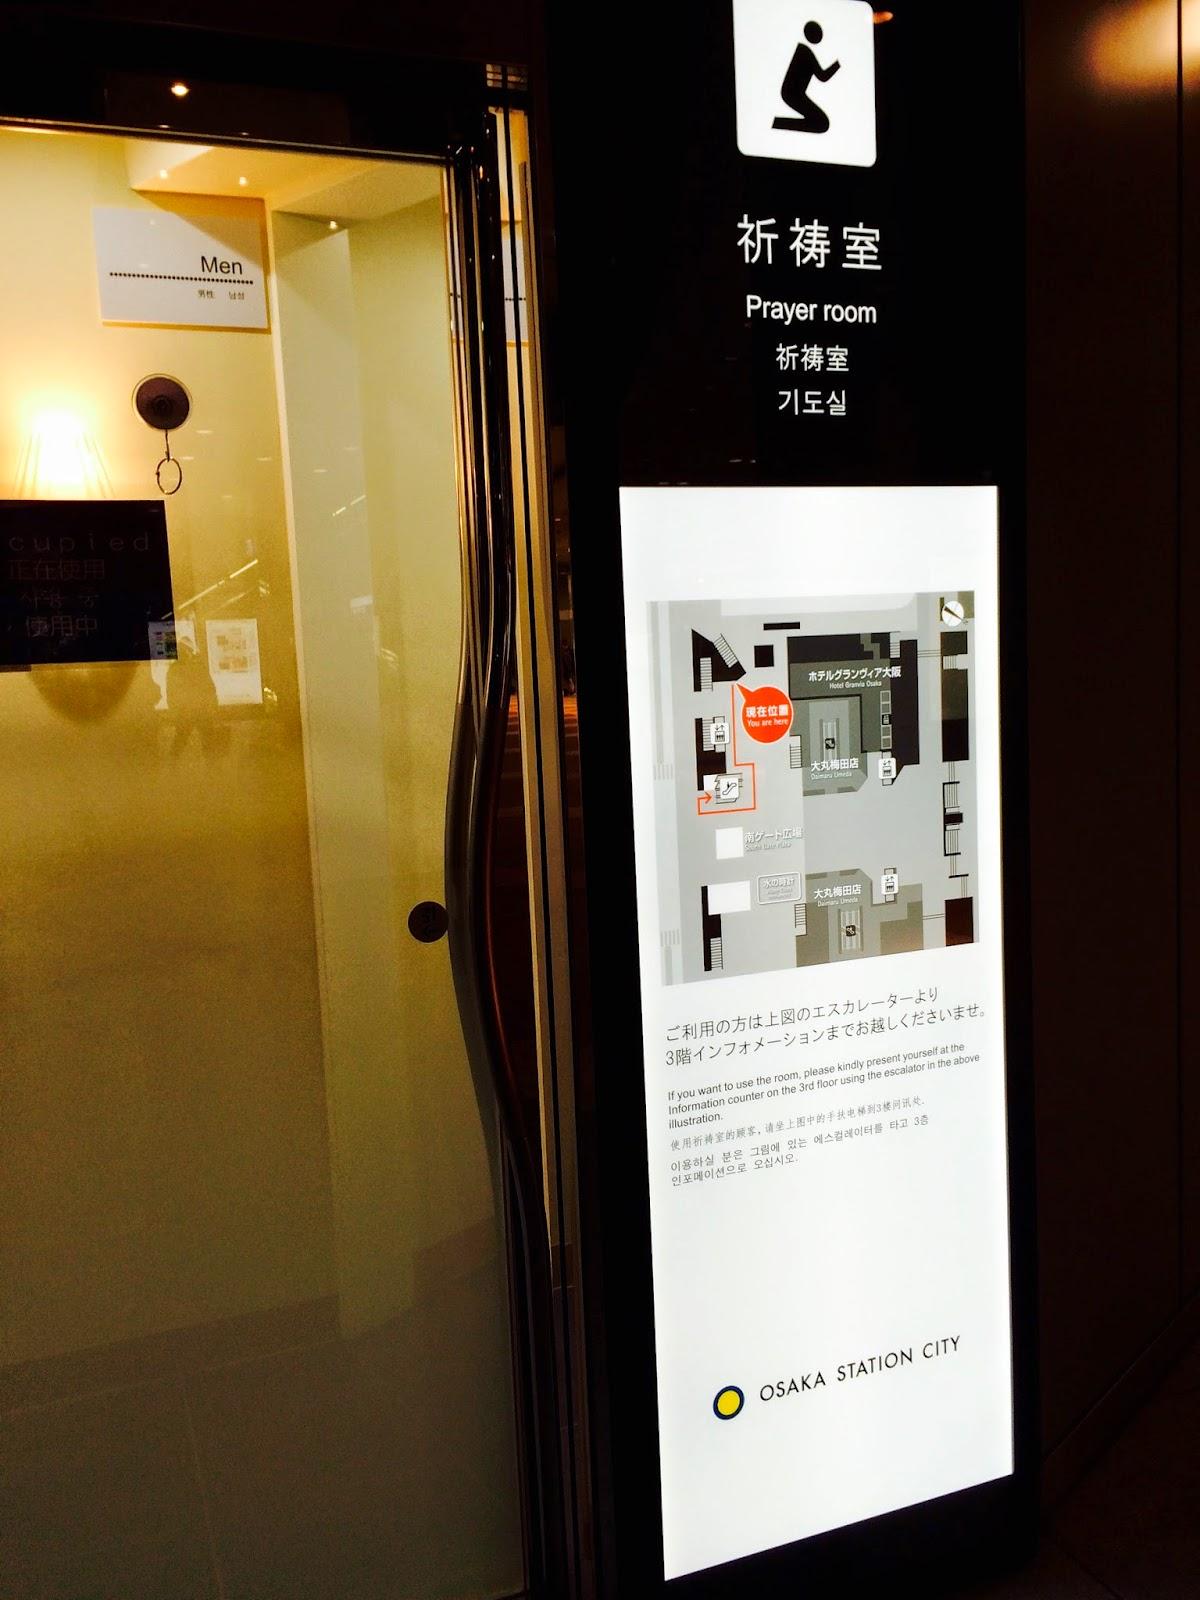 英語・日本語・ハングル・中国語で書かれた「祈祷室」